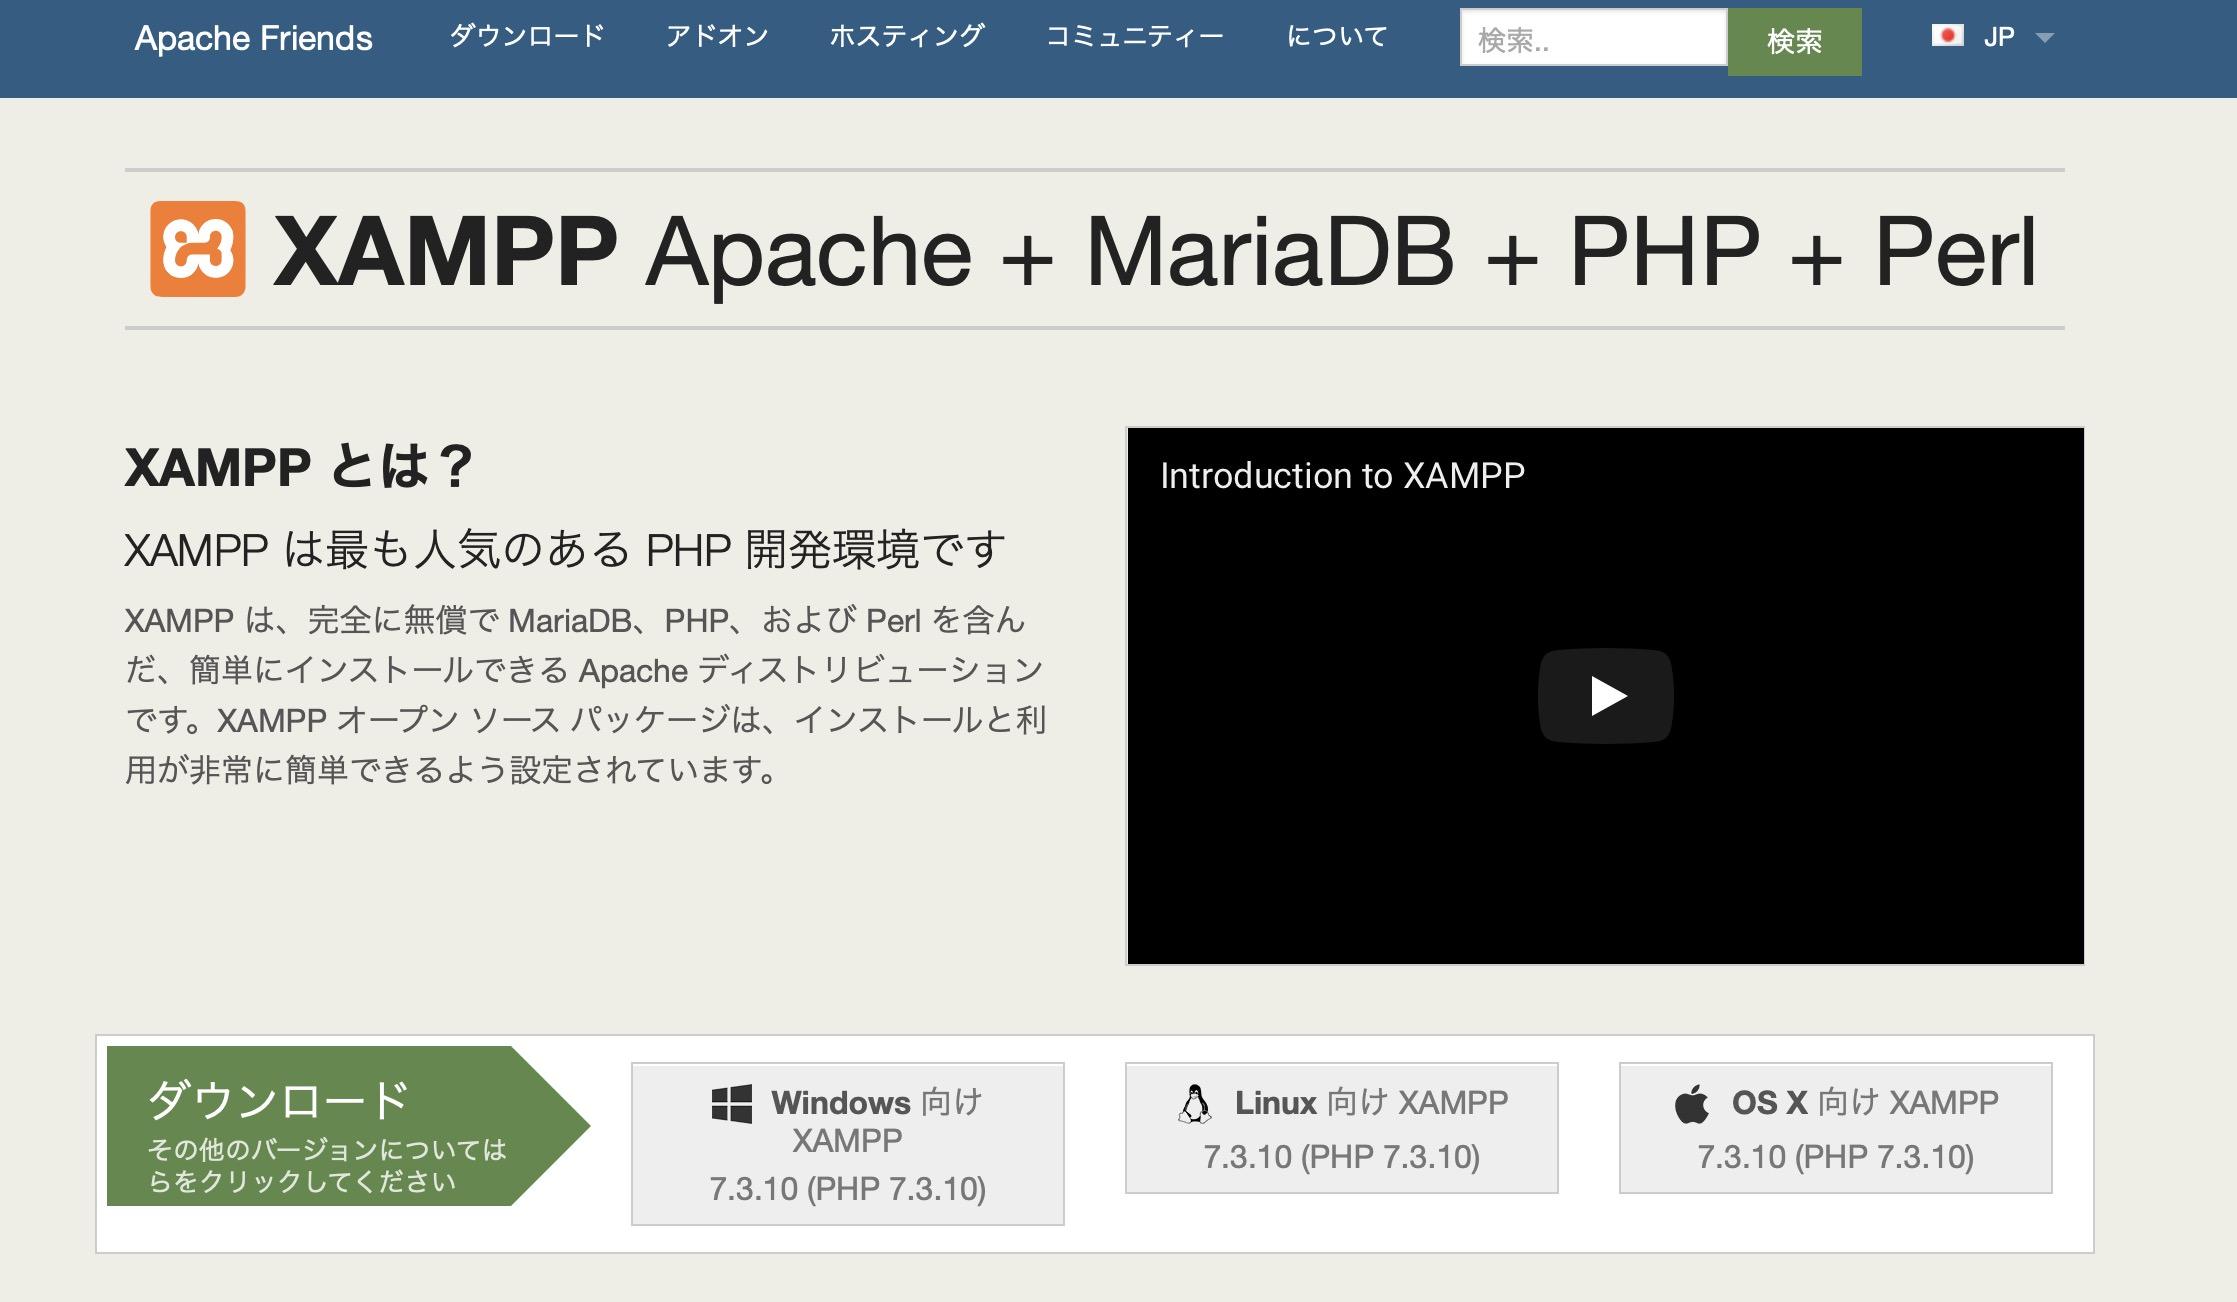 XAMPP 公式サイトキャプチャ